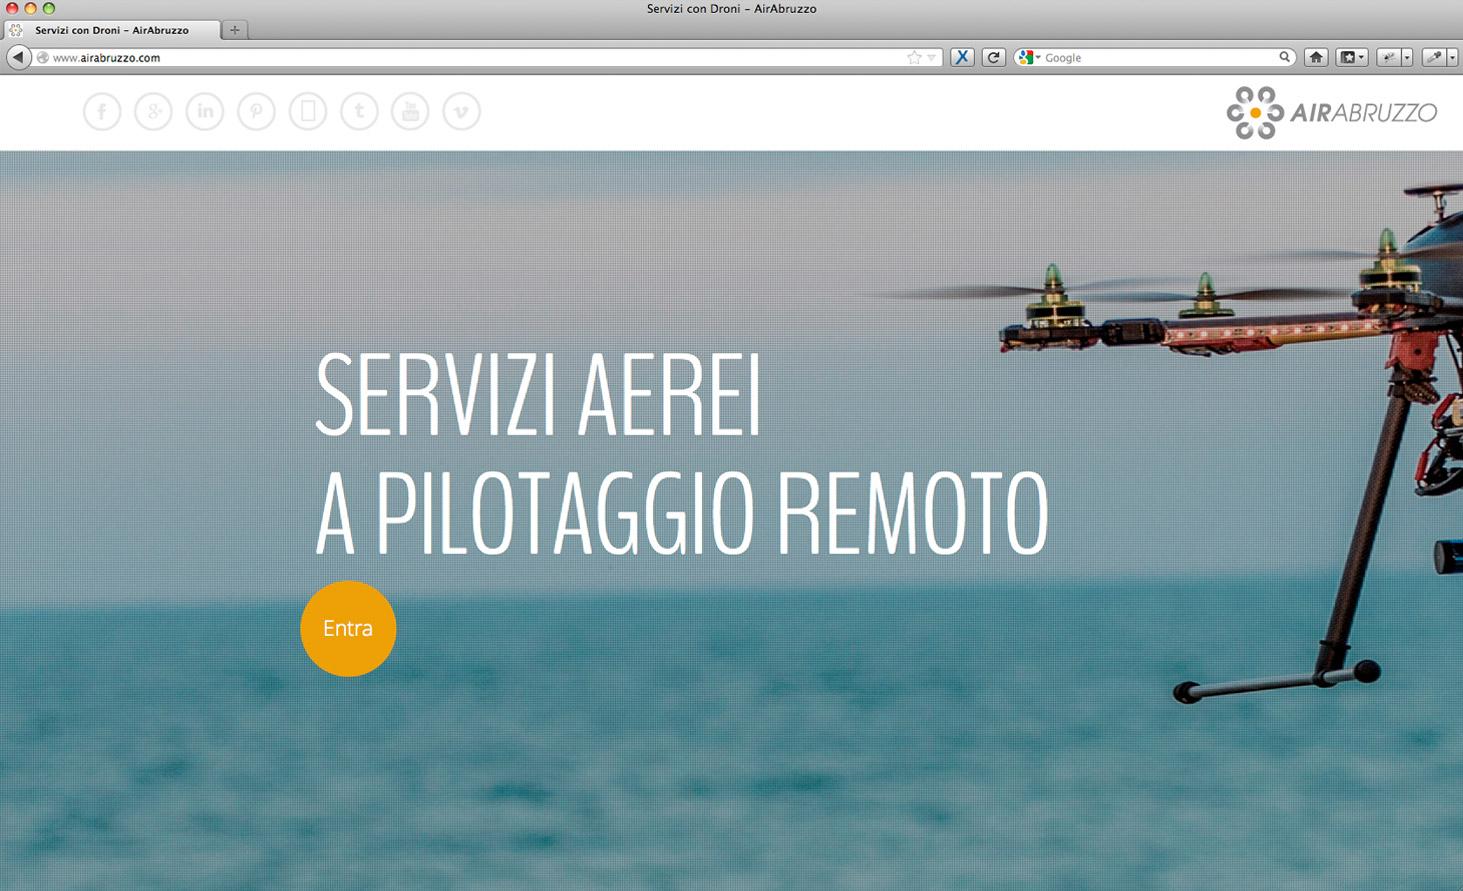 Air-Abruzzo